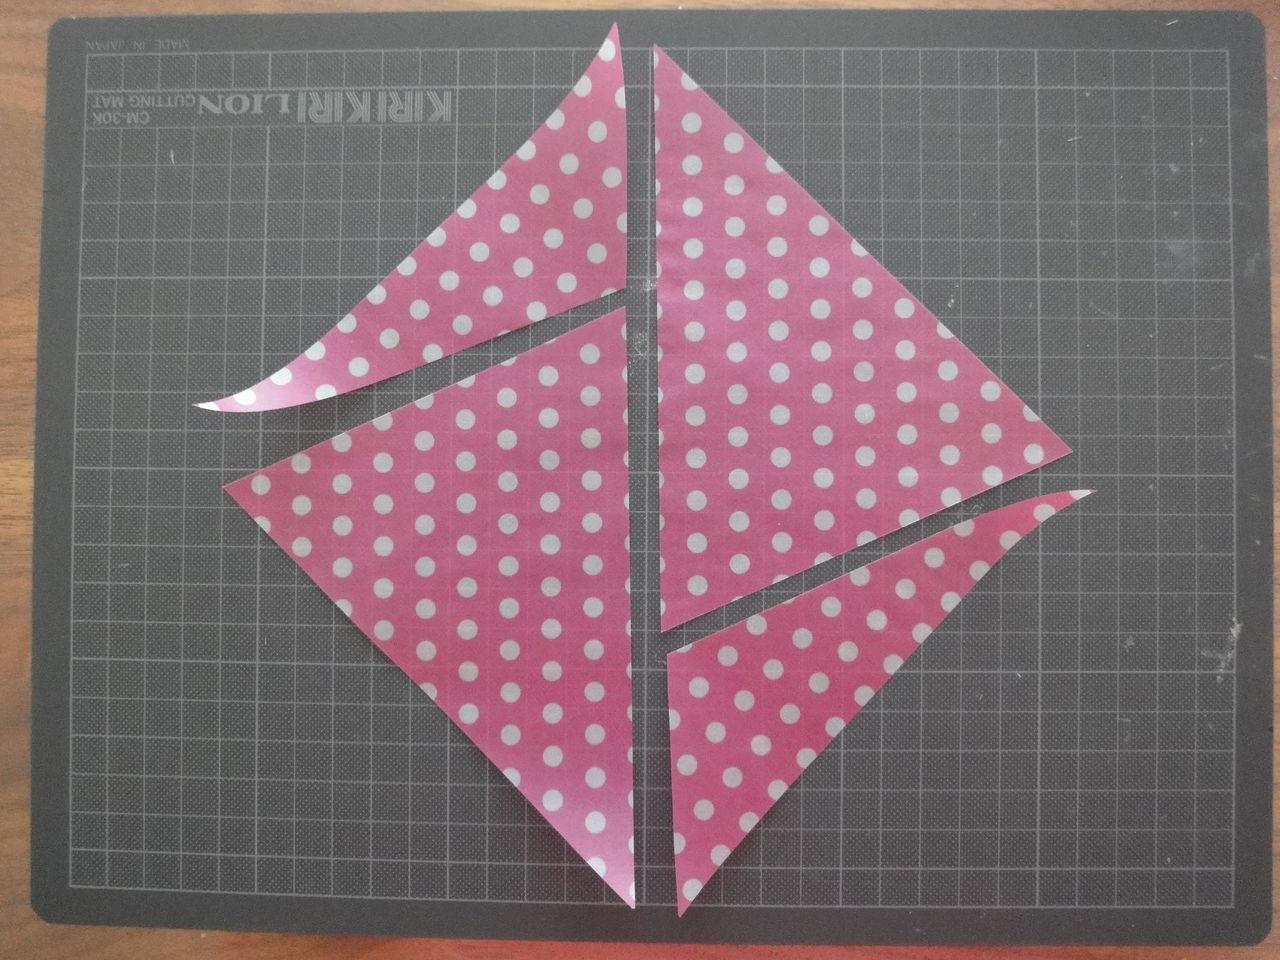 折り紙の いろんな折り紙の作り方 : を、こう切って、1枚の折り紙 ...